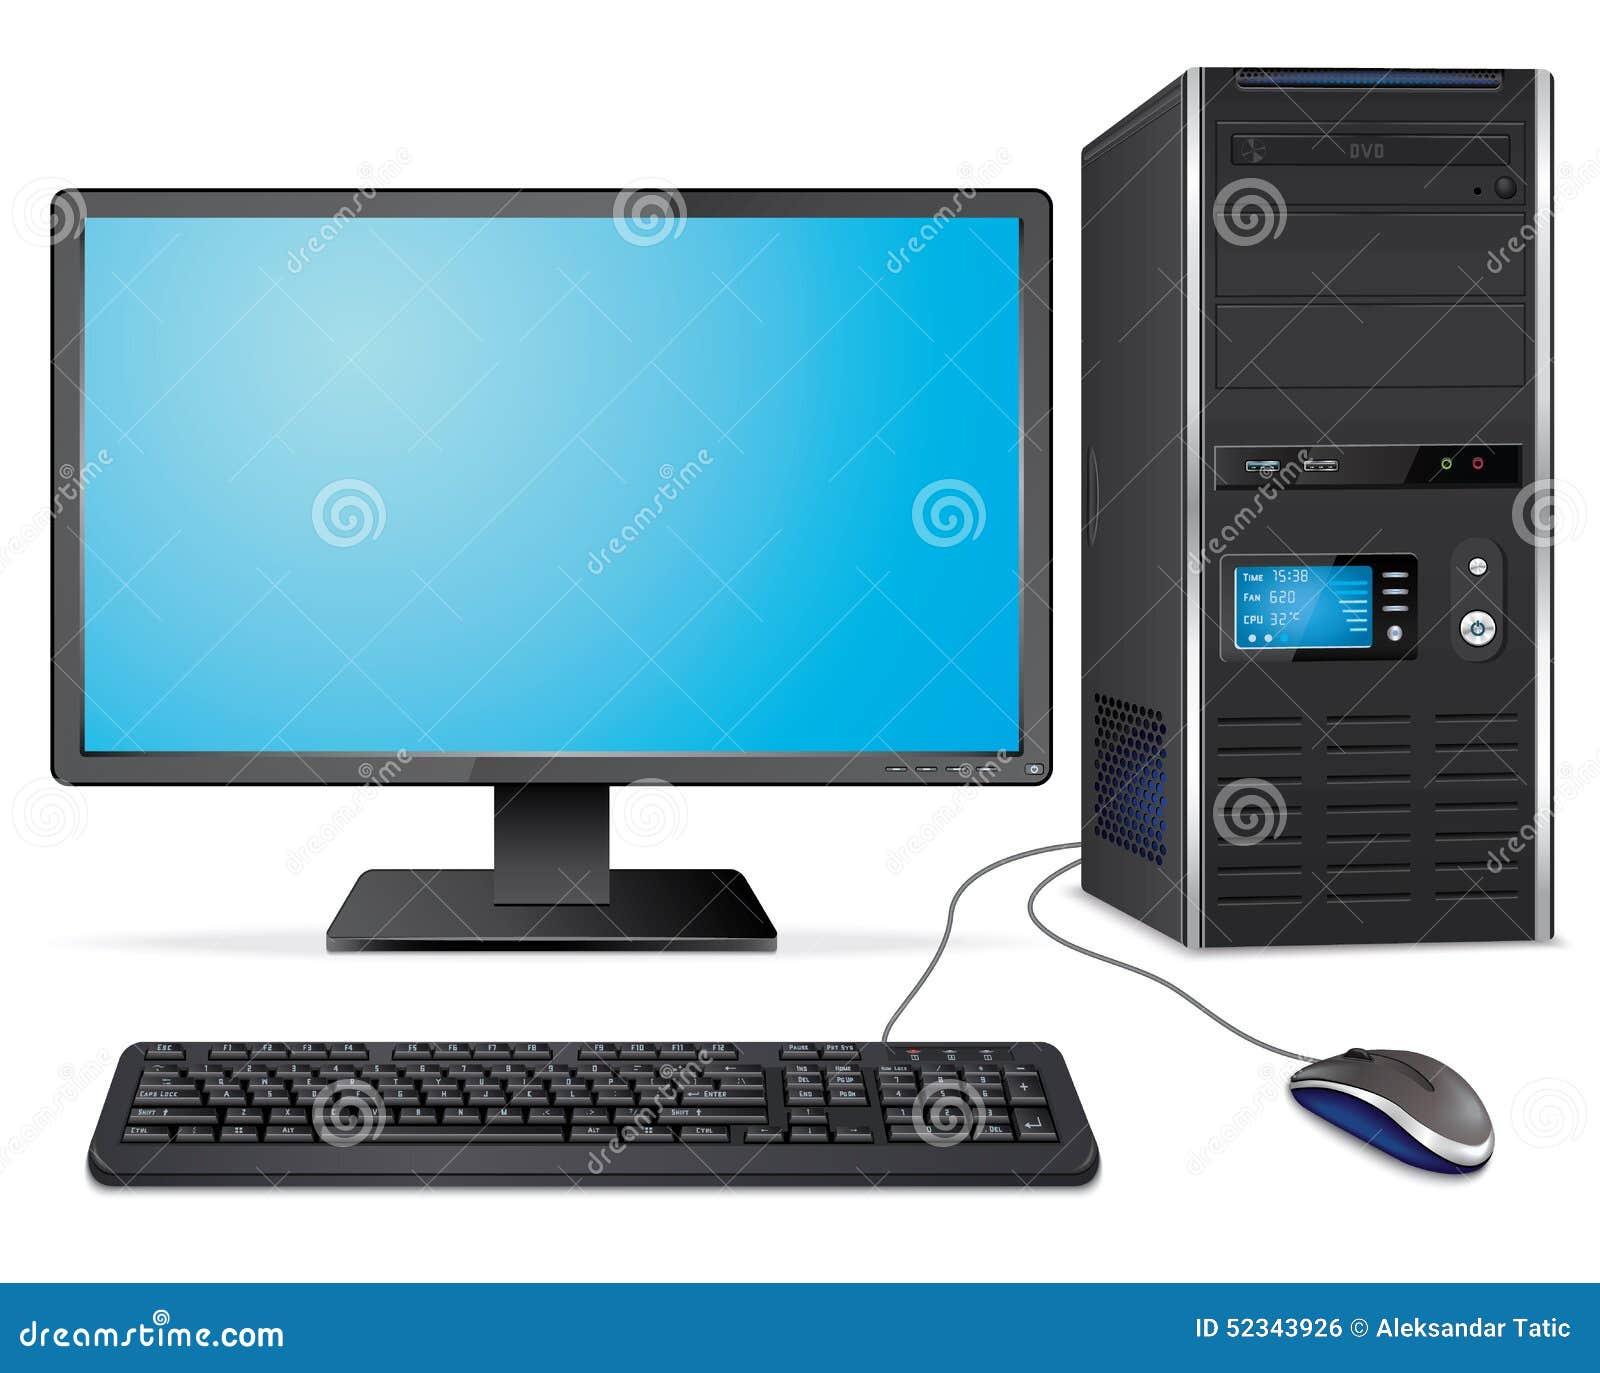 Реалистический случай компьютера с монитором, клавиатурой и мышью